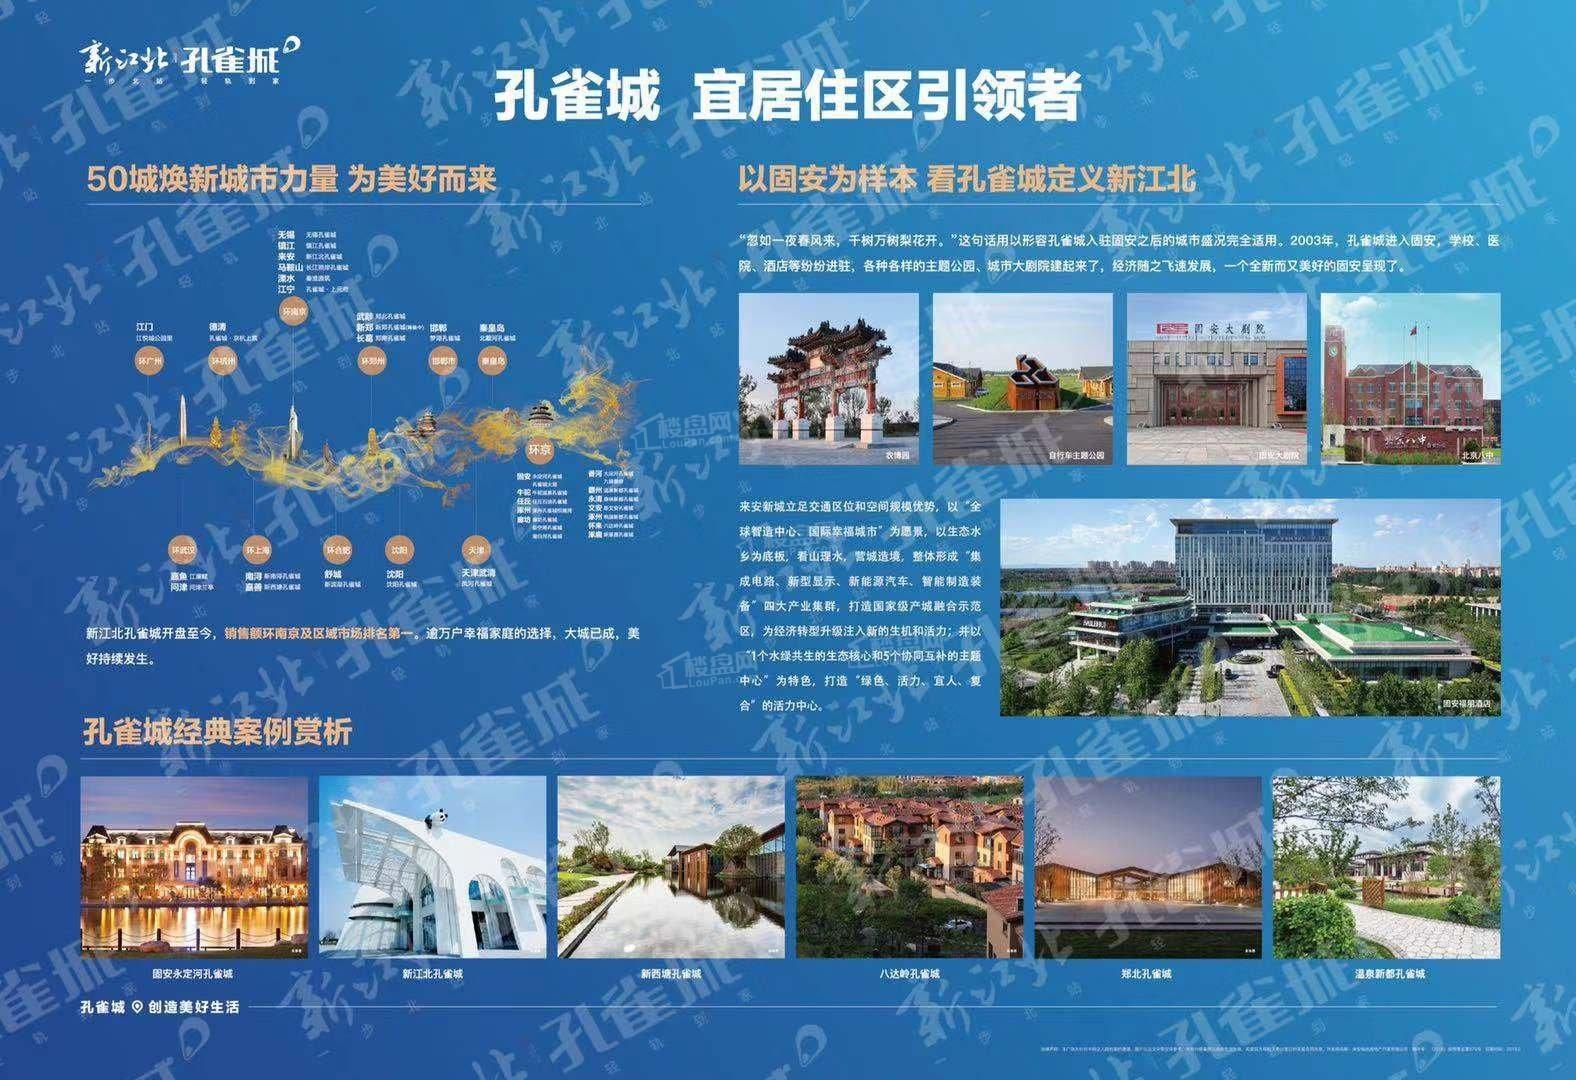 新江北孔雀城效果图